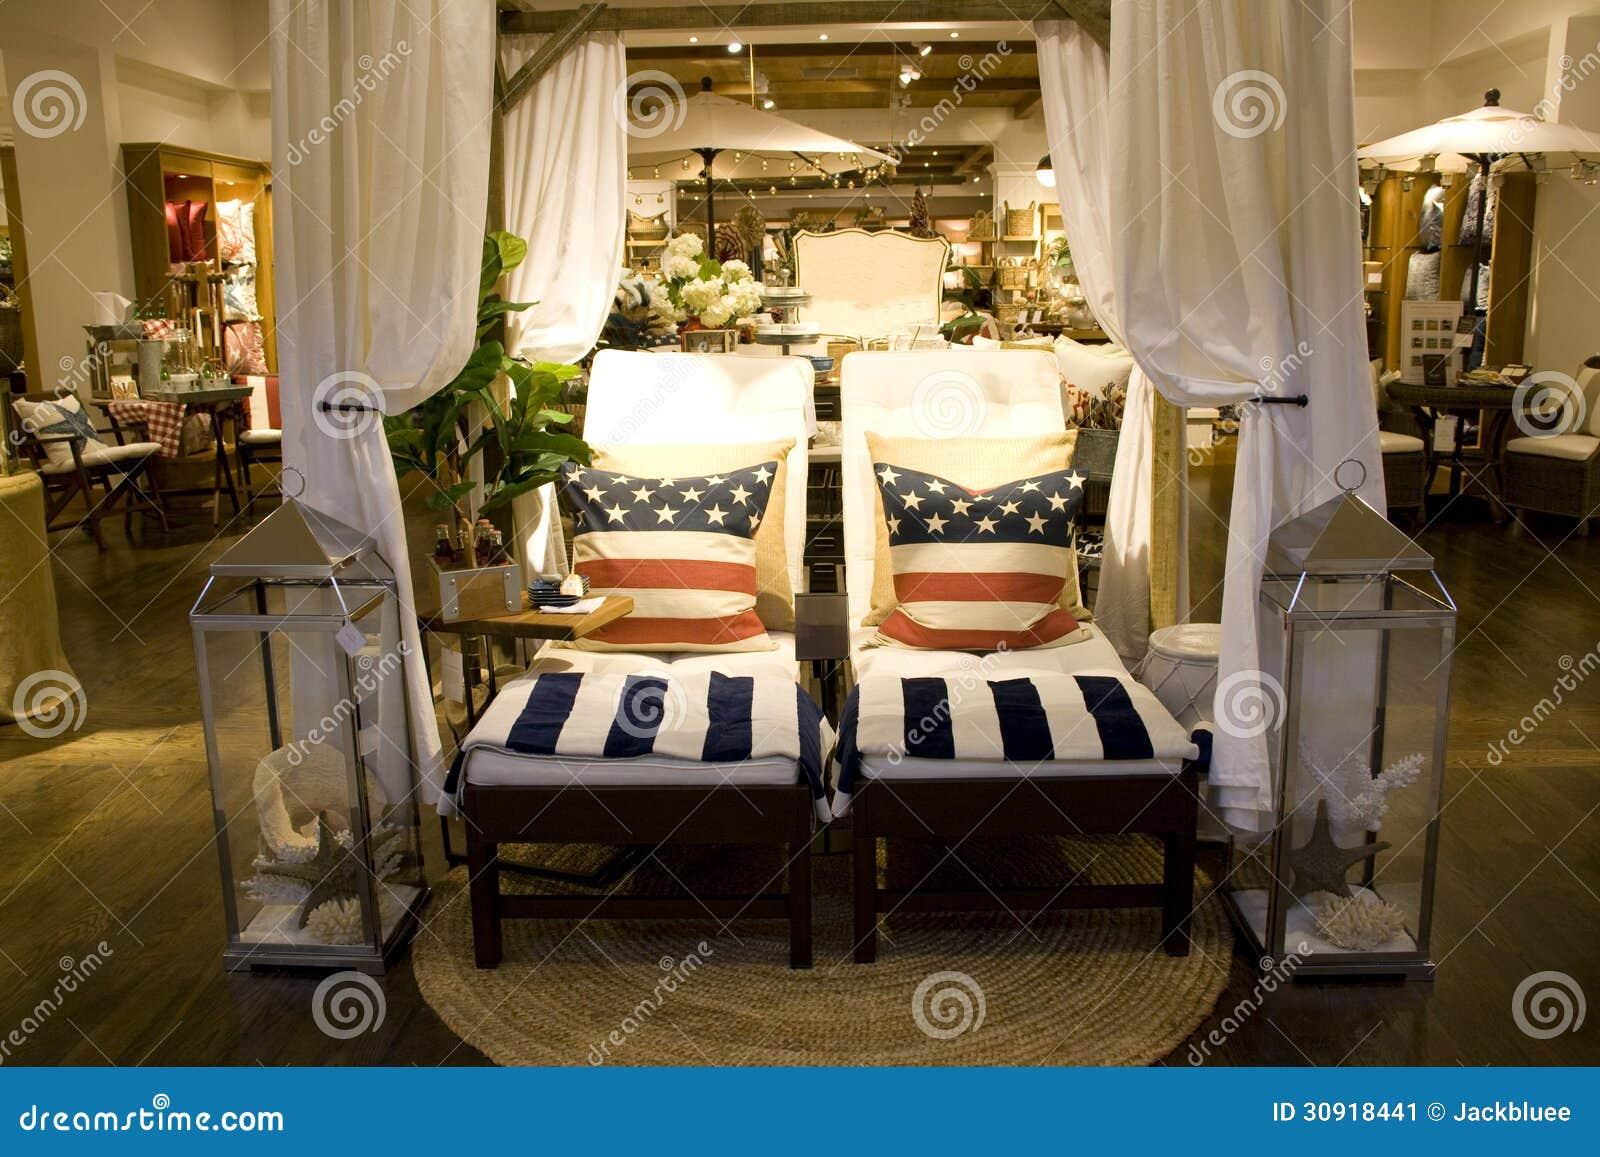 Tiendas De Muebles Santiago De Compostela Amazing Cheap Jpg With  # Muebles Nobel Santiago De Compostela